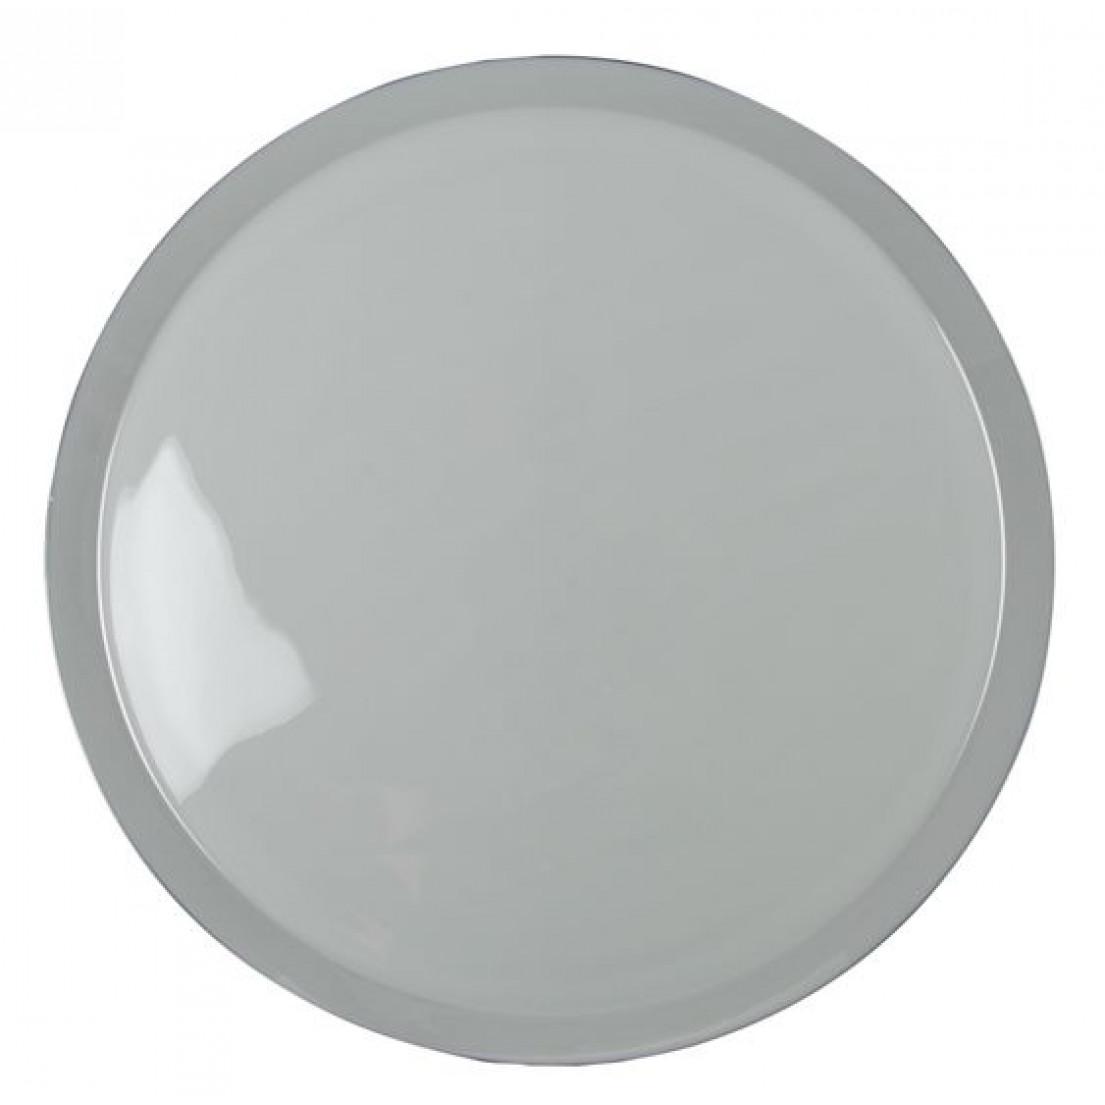 Nesting Tables BOB | Light Grey/Grey